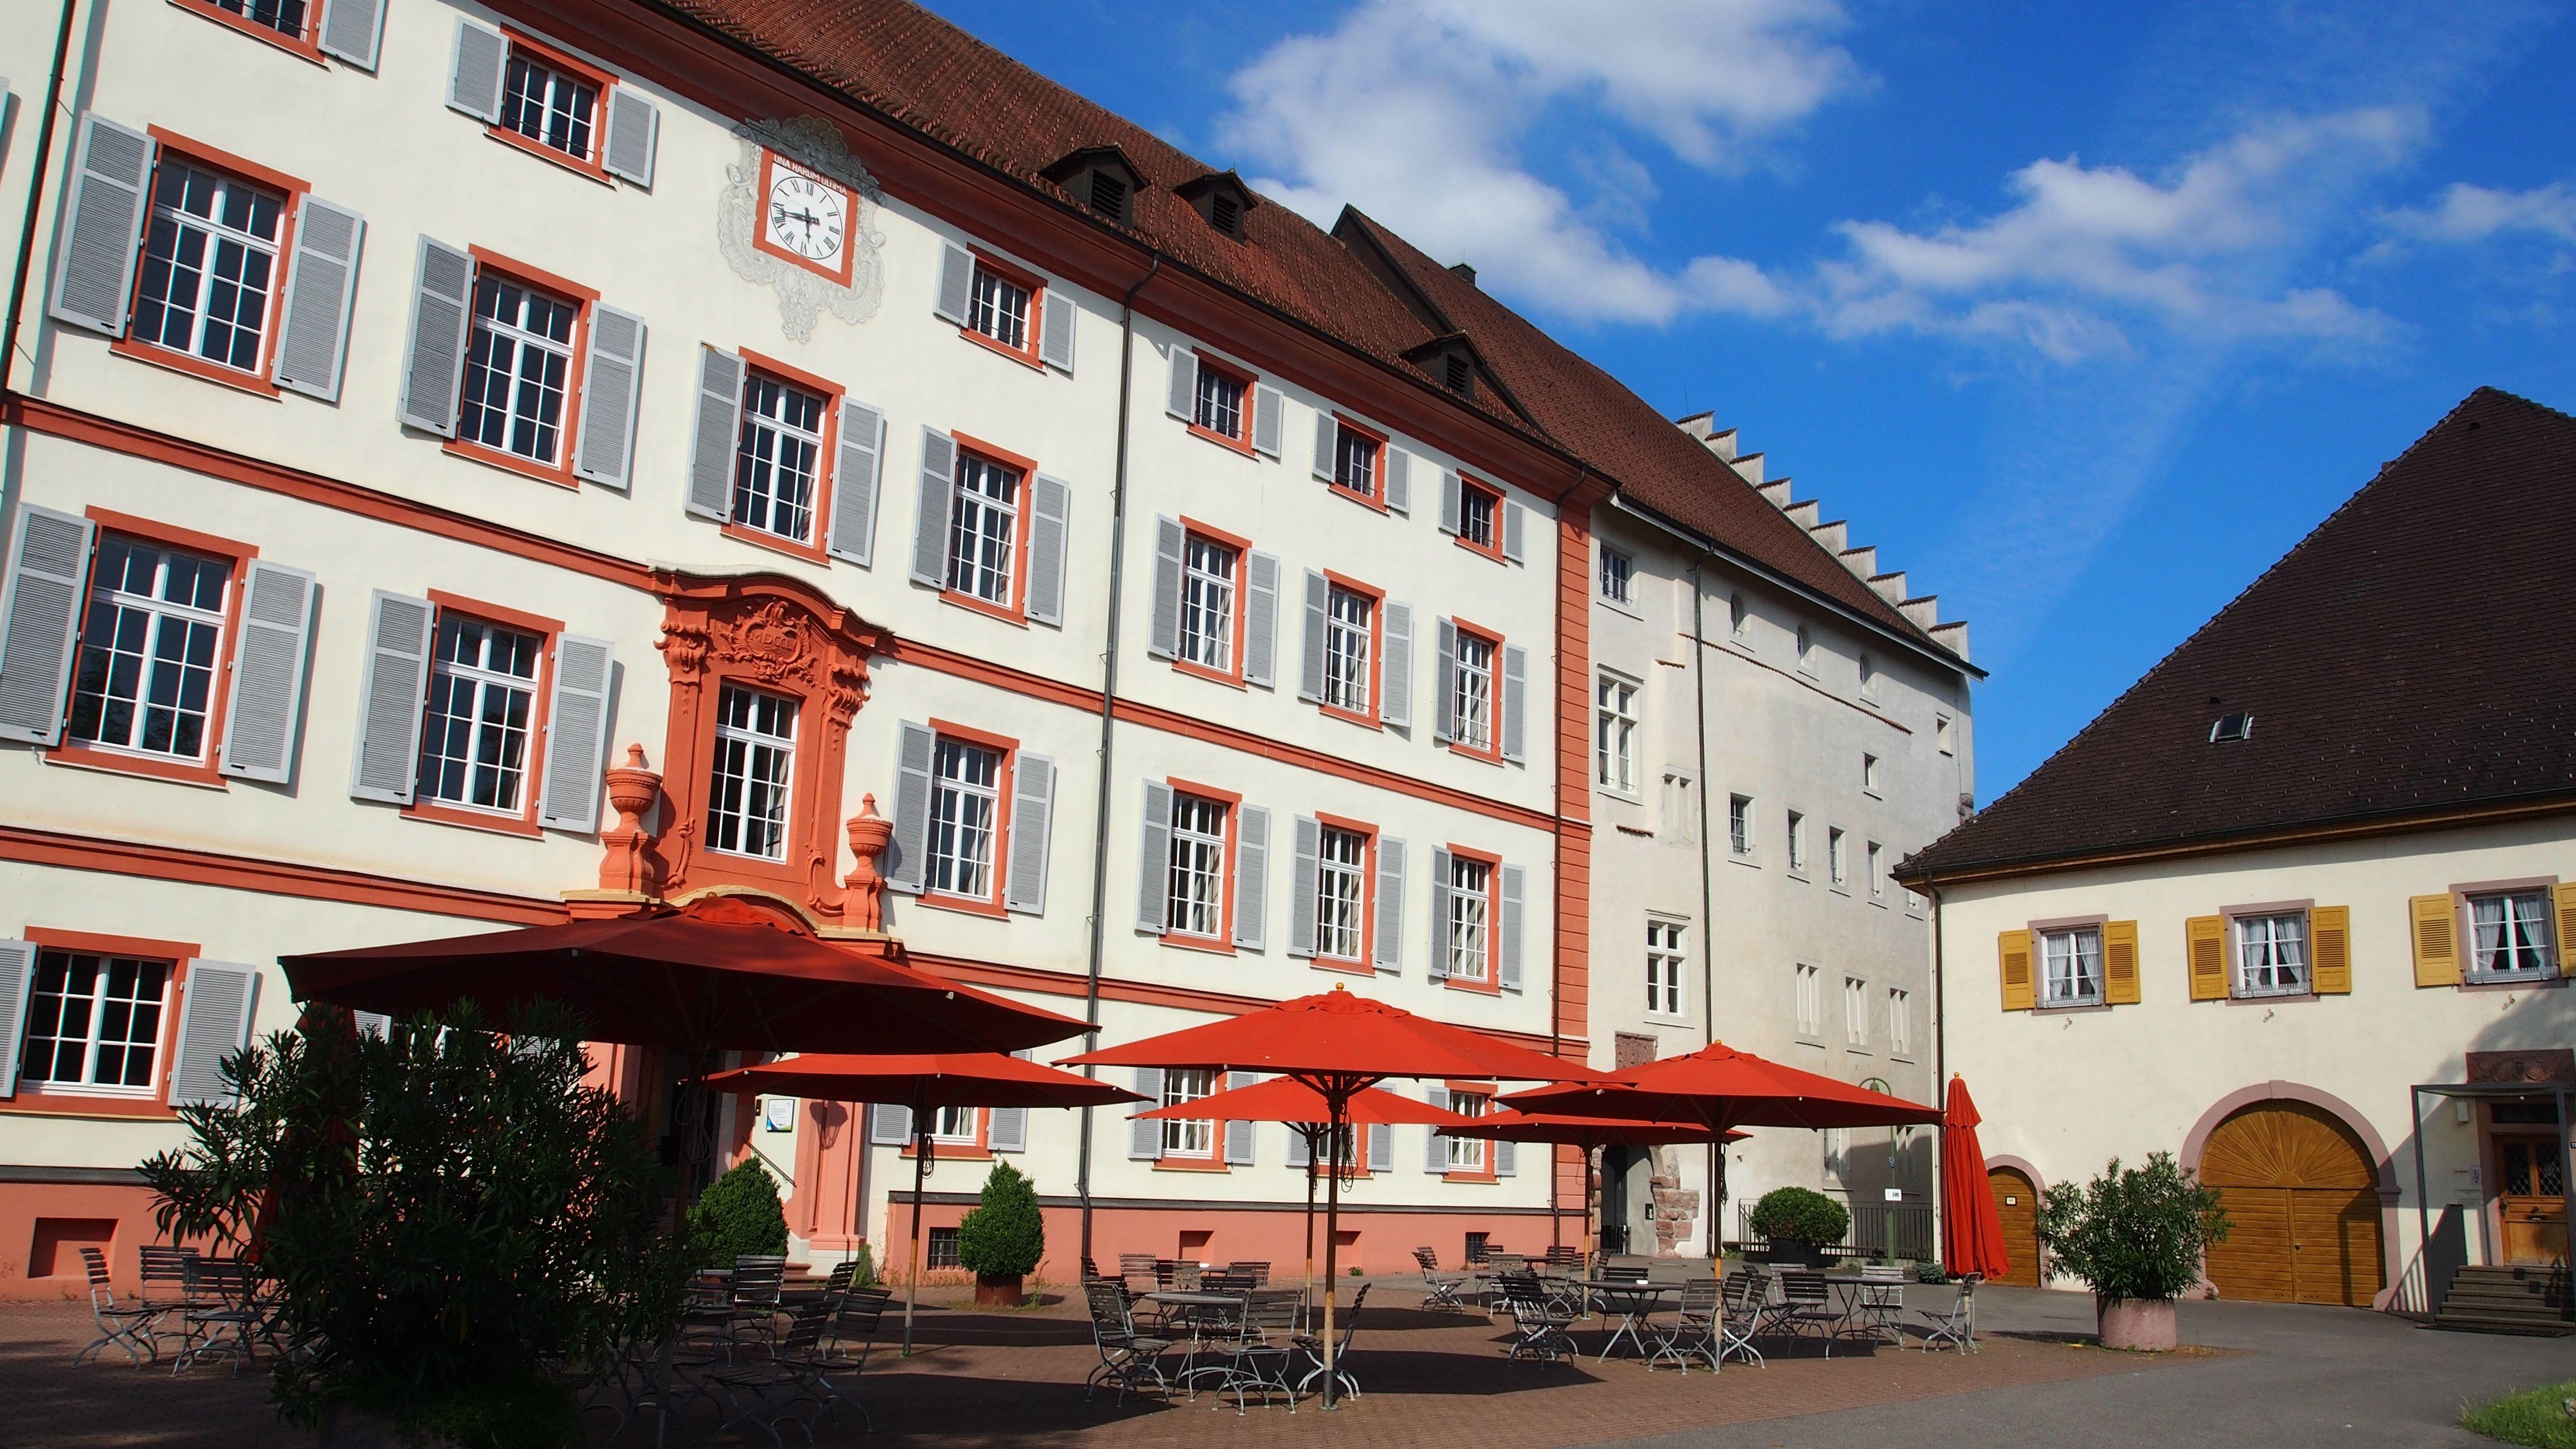 Auch in der Schweiz wohlbekannt: Schloss Beuggen am Rhein.